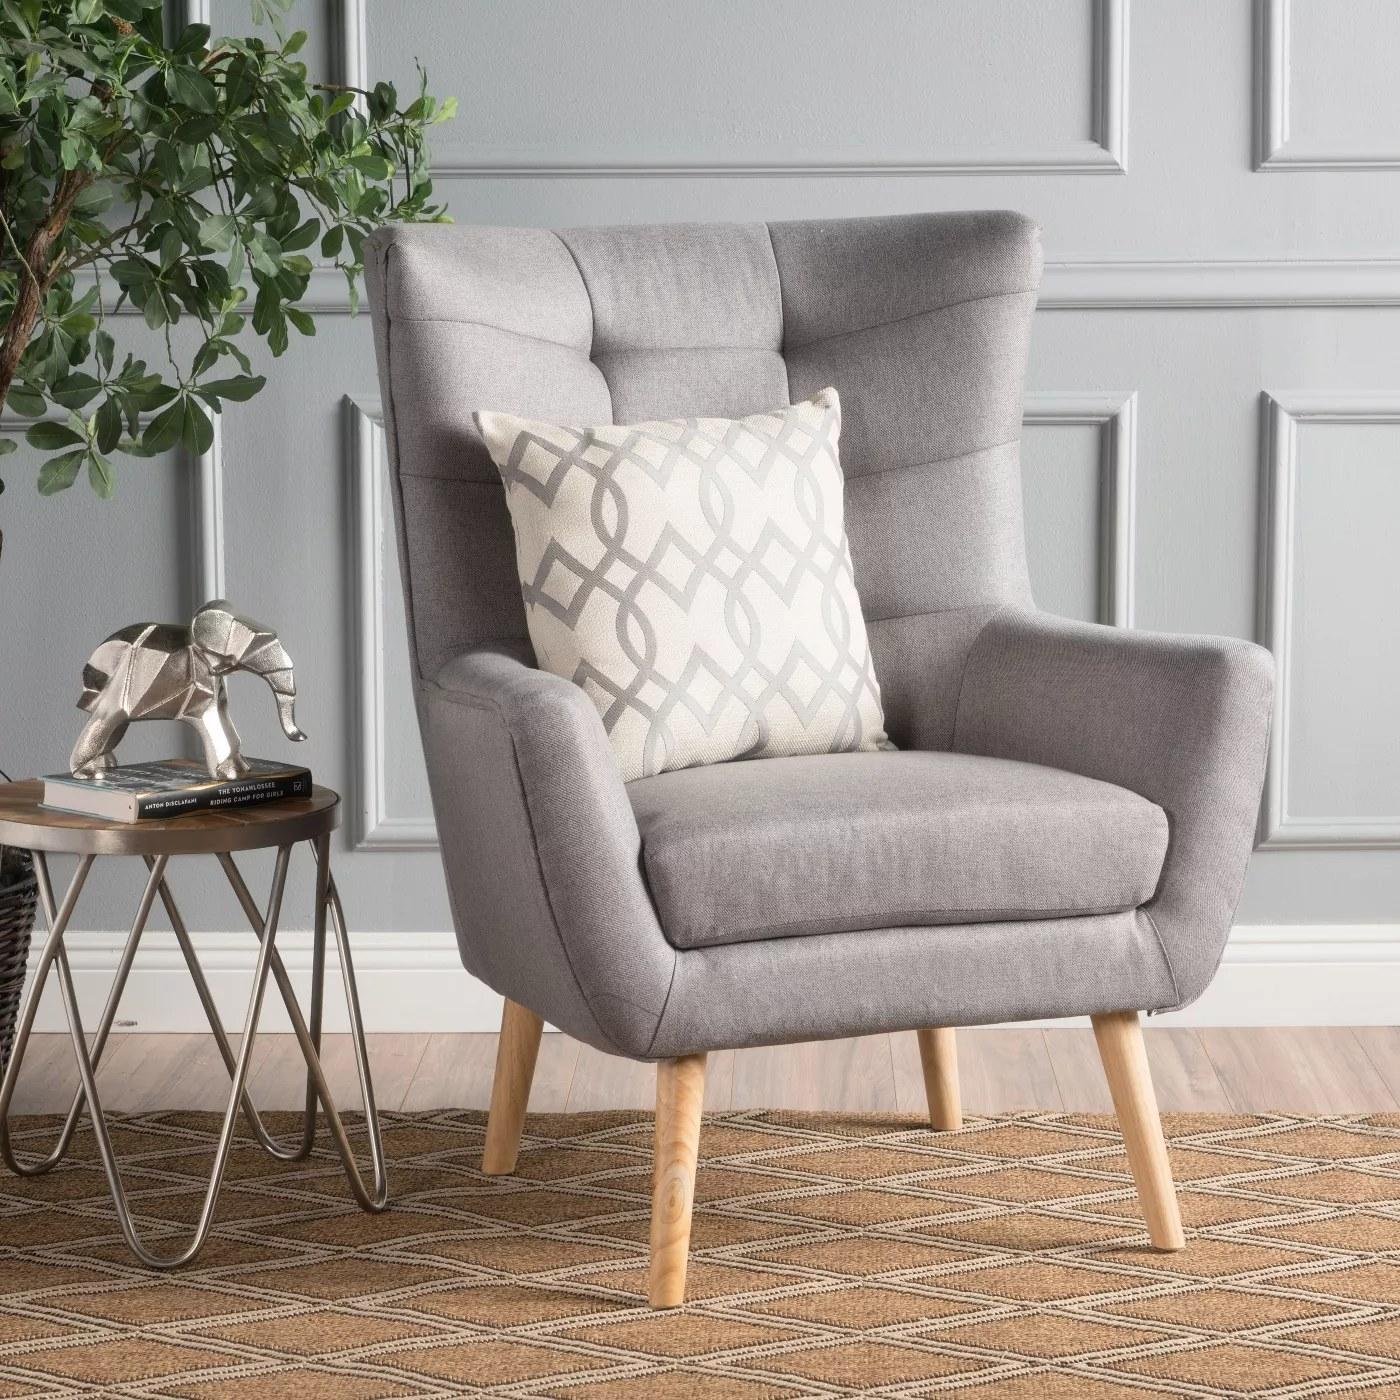 The gray armchair